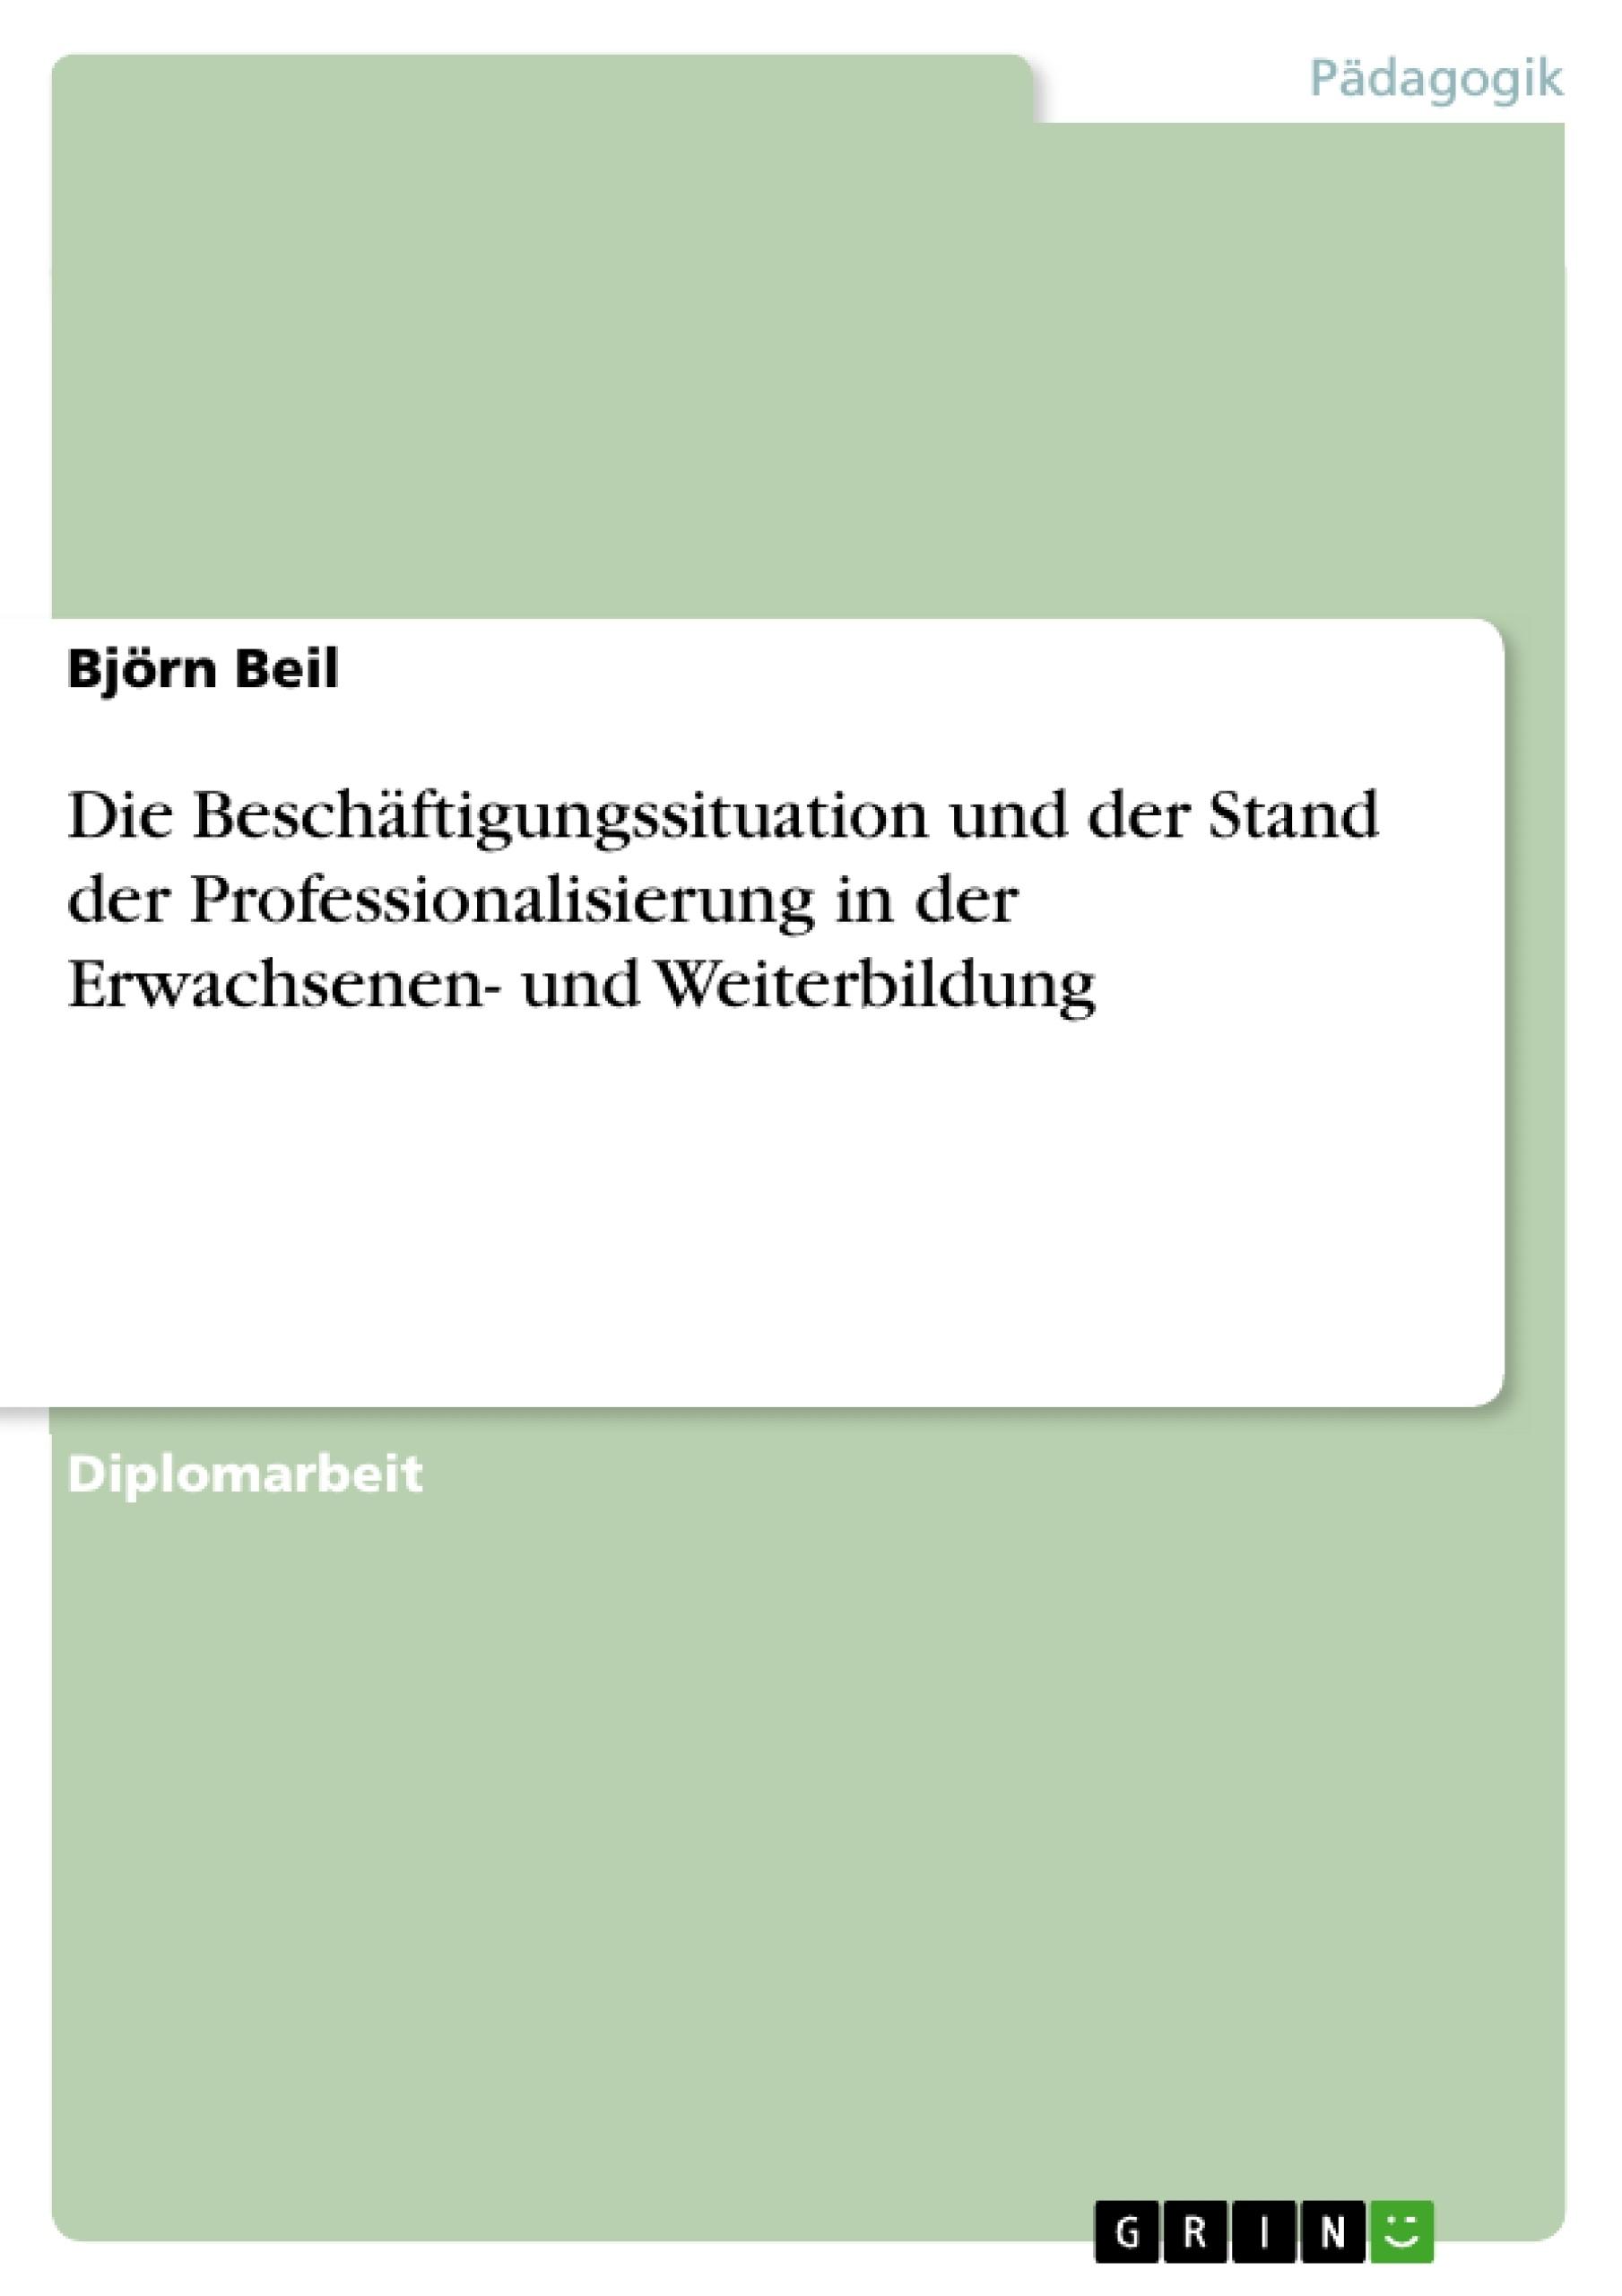 Titel: Die Beschäftigungssituation und der Stand der Professionalisierung in der Erwachsenen- und Weiterbildung